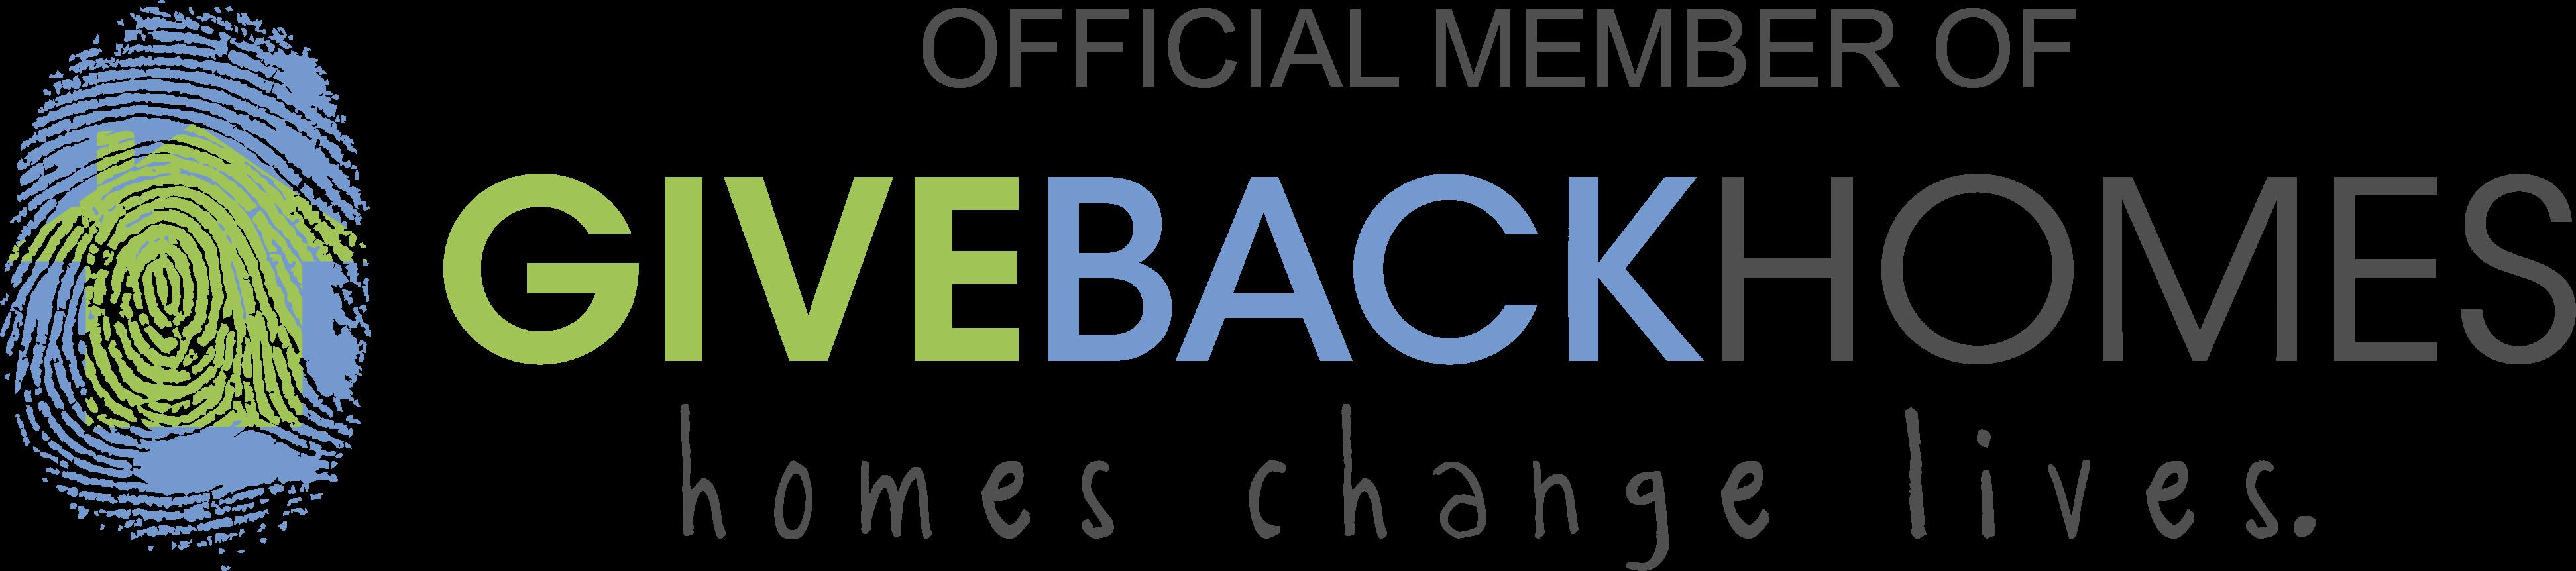 GiveBackHomes